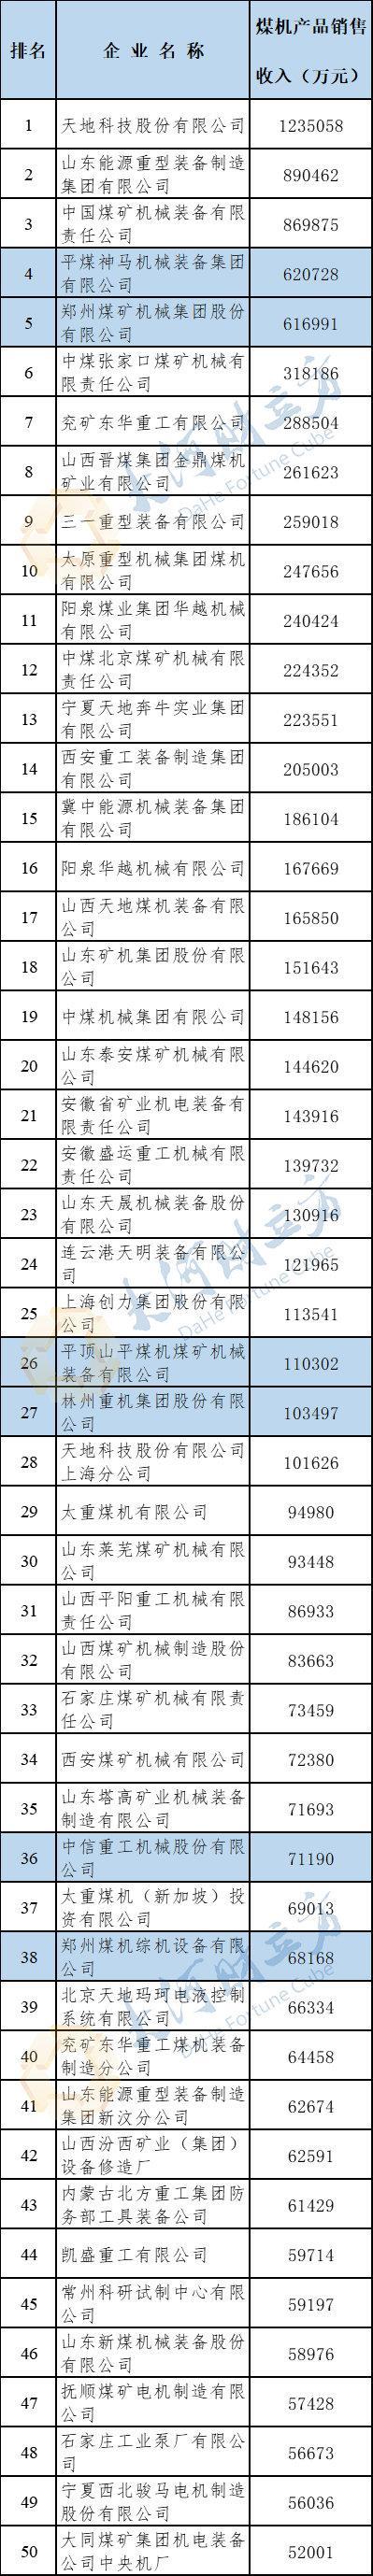 河南6家企业入选2018年度中国煤炭机械50强